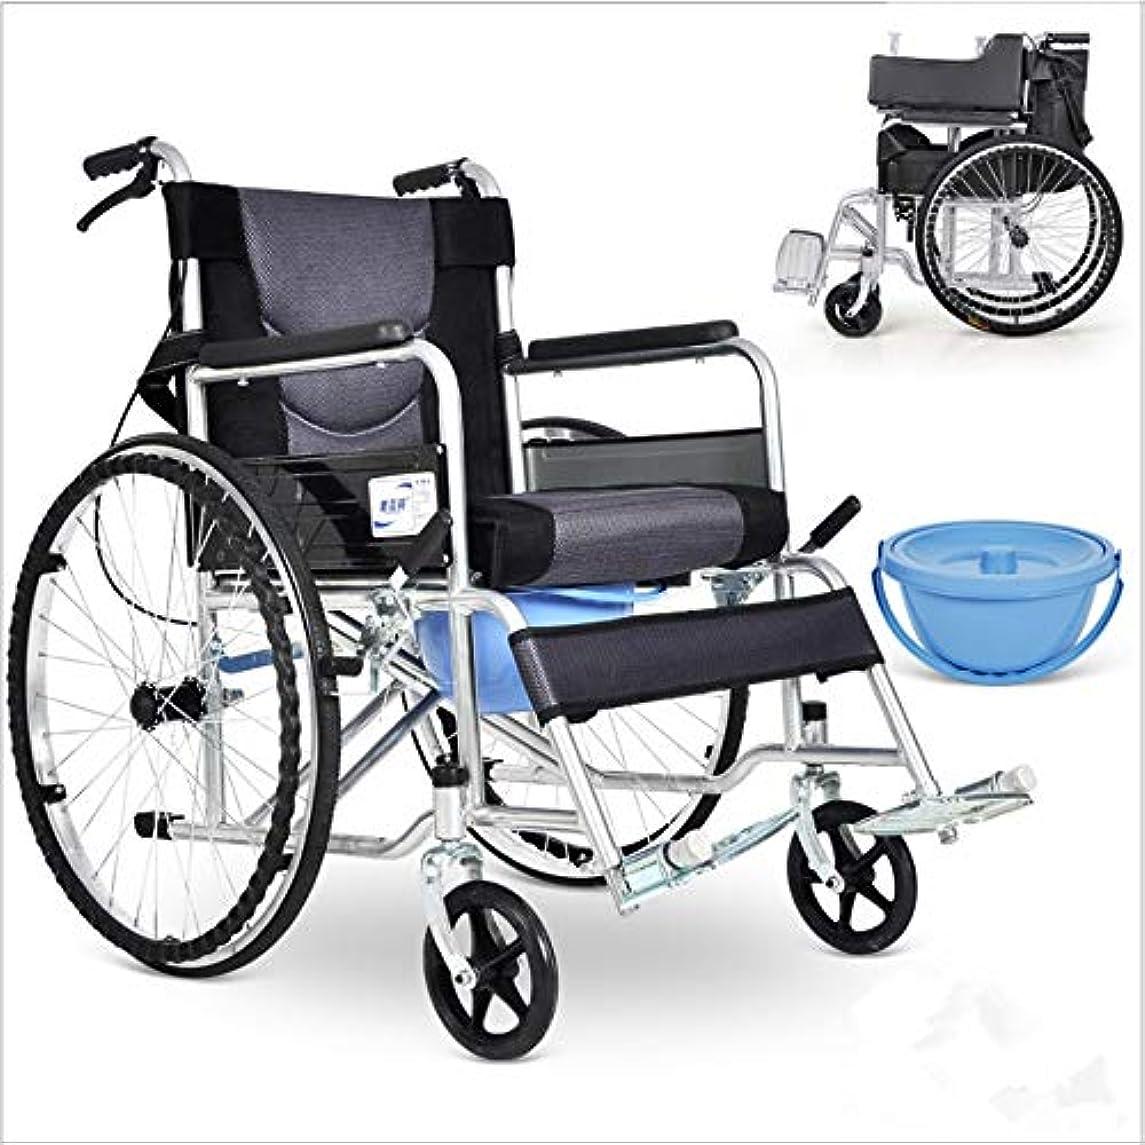 ミトン走るイブニングペダル付きアルミニウム製ポータブルトイレシート、輸送用チェアトイレ/調節可能なアームレスト、高齢者用シャワーラック、身体障害者、妊婦